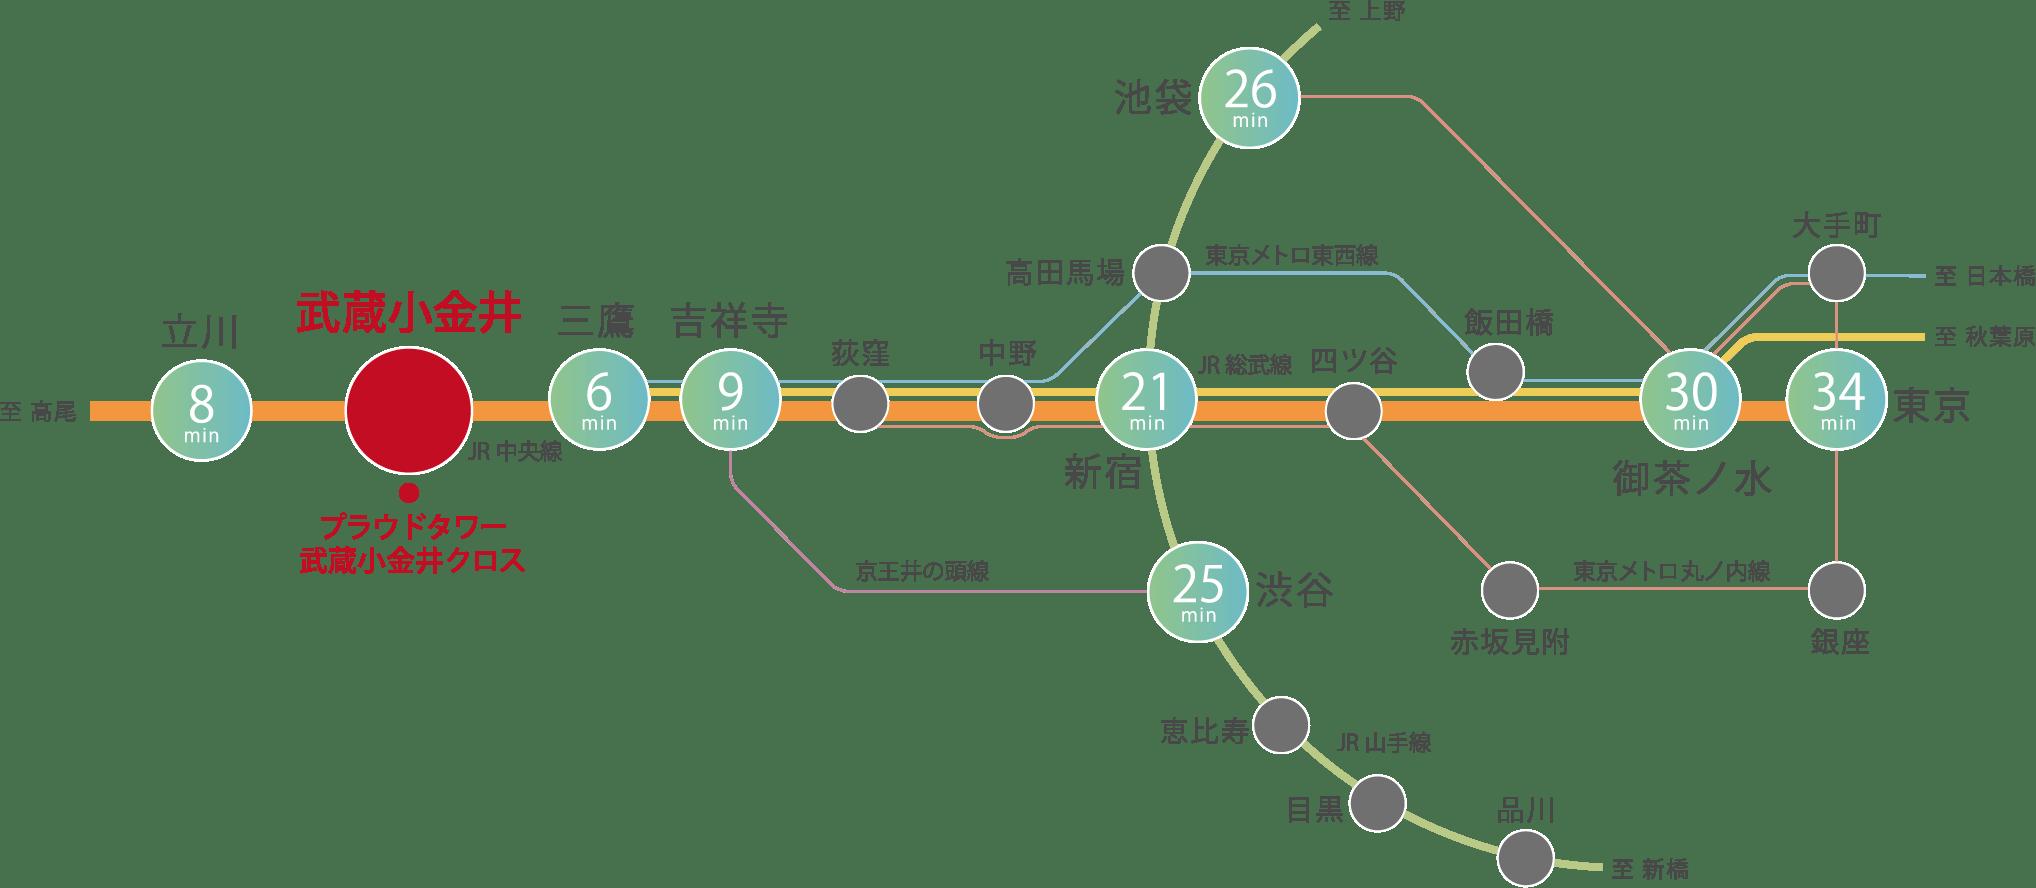 C6A9A34D-E845-4A32-8904-45A59090B18D